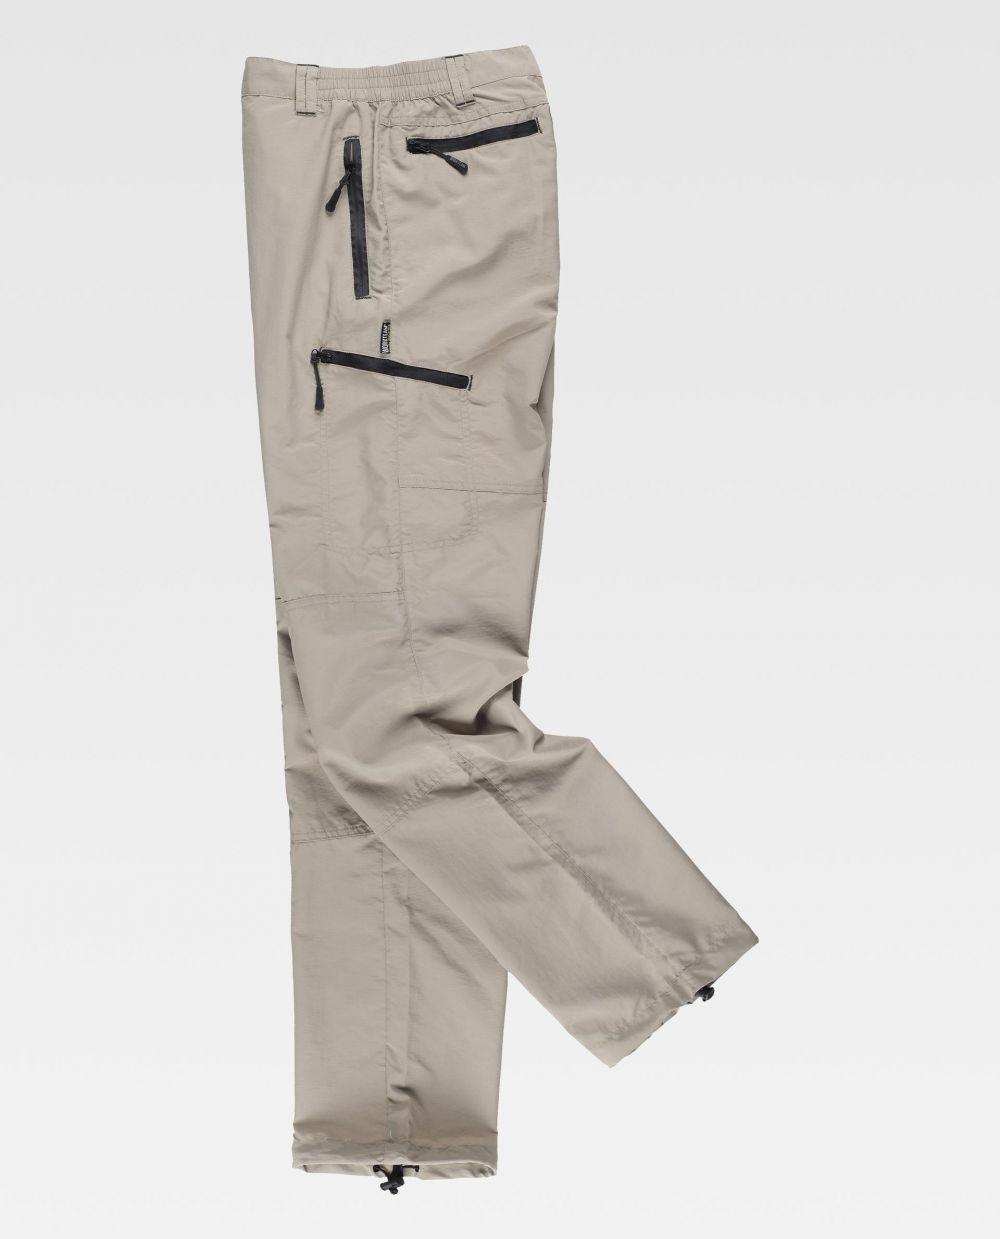 Pantalones de trabajo workteam s9860 de poliéster vista 2